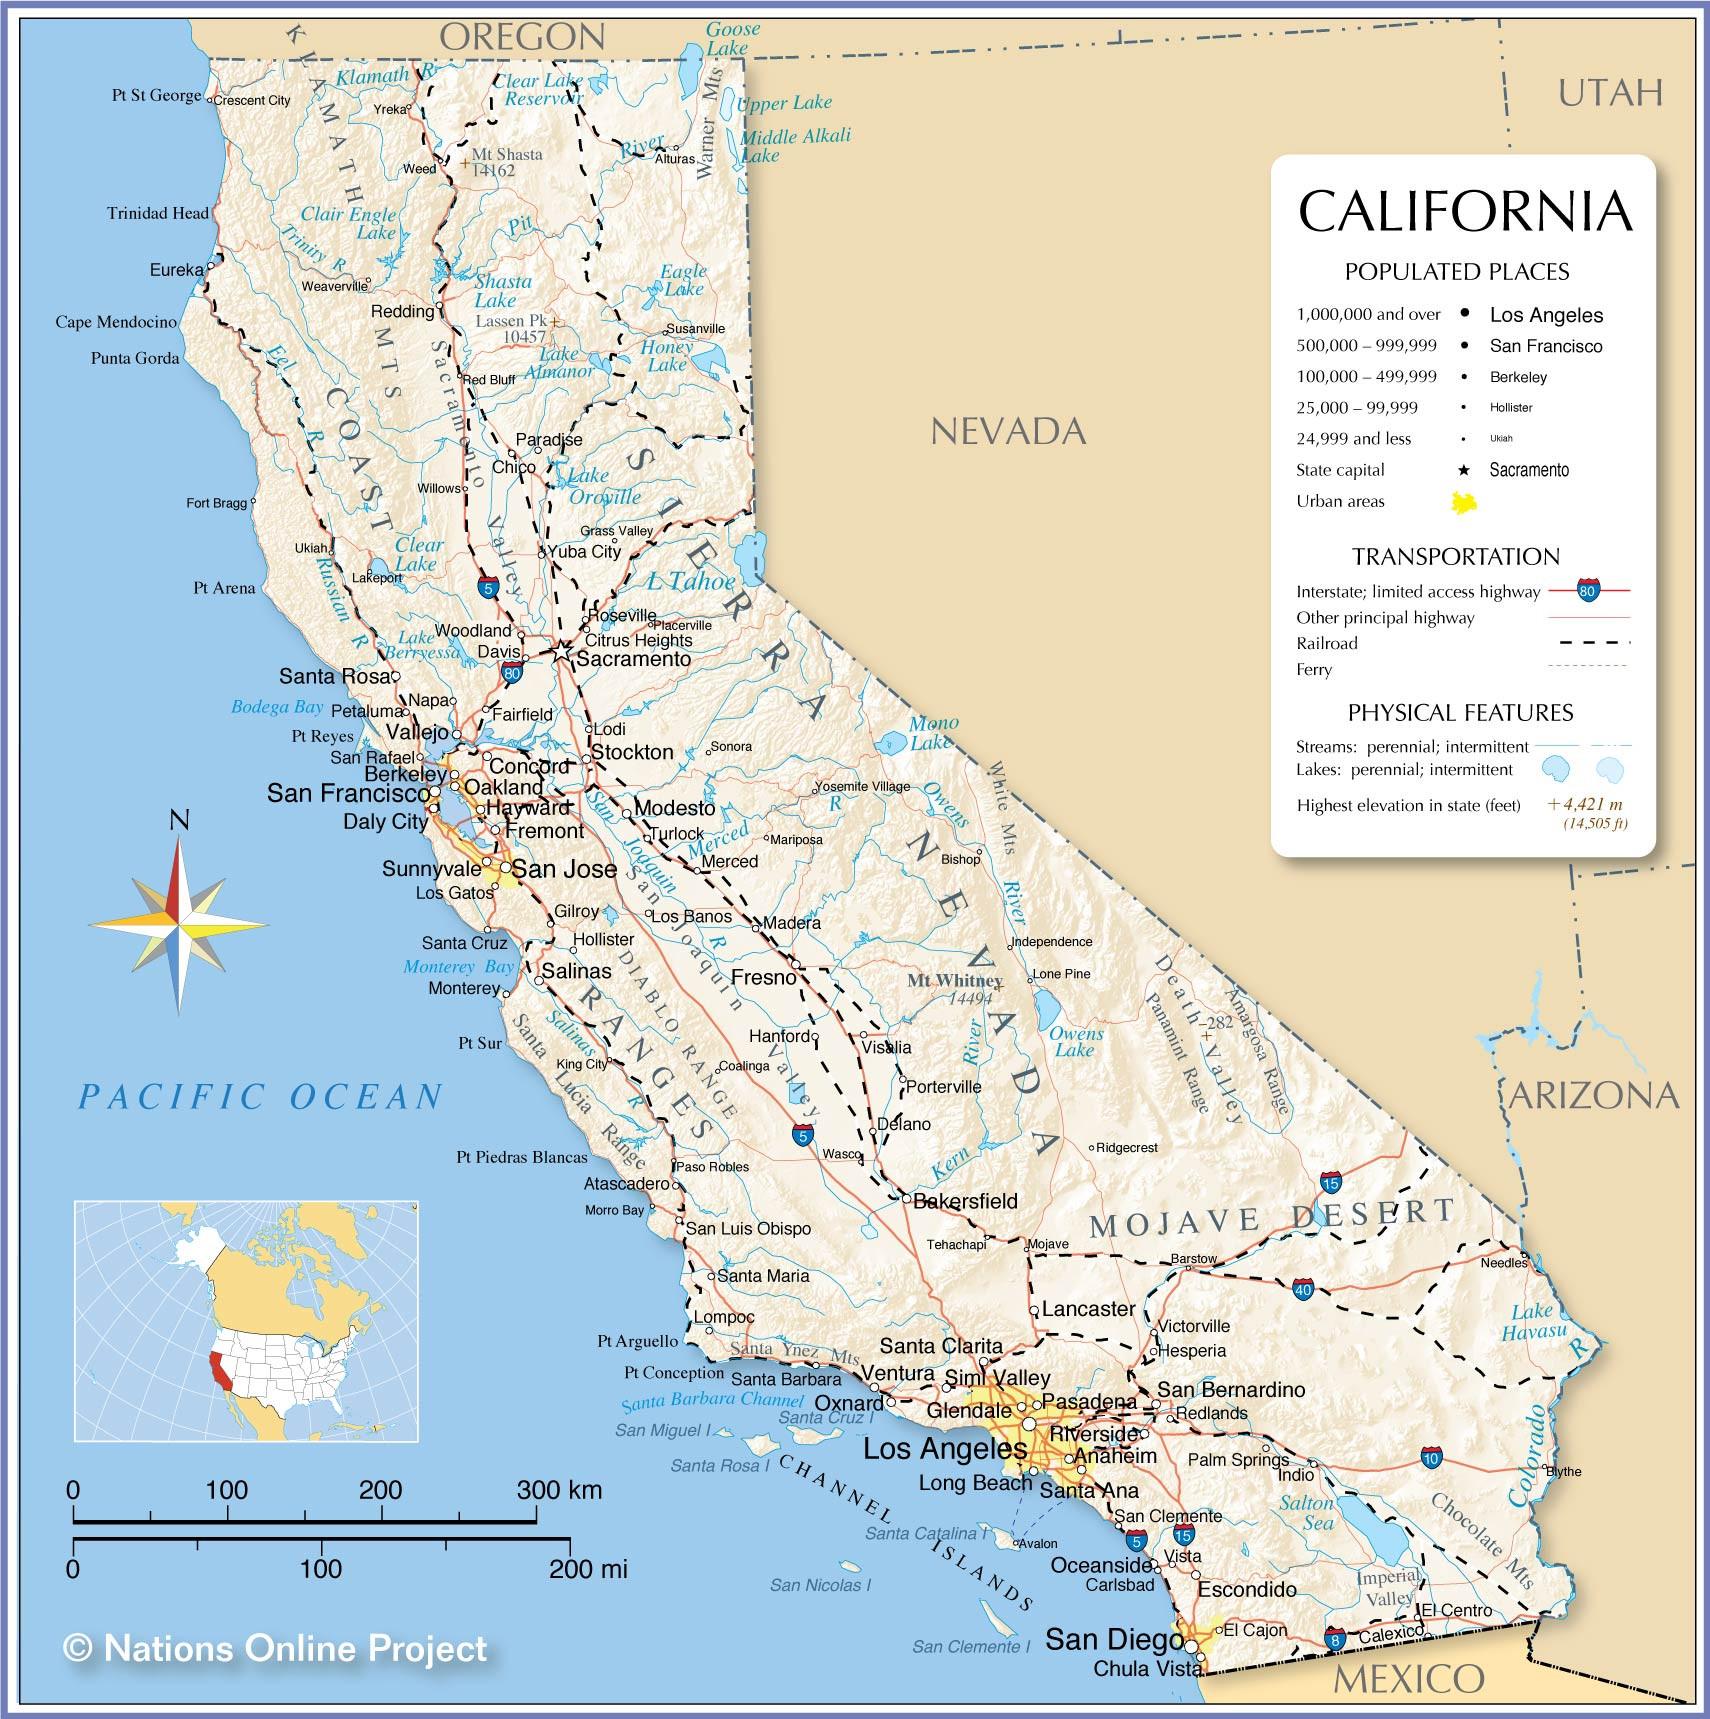 Los Angeles California Map Google New Los Angeles On Us Map - Los Angeles California Map